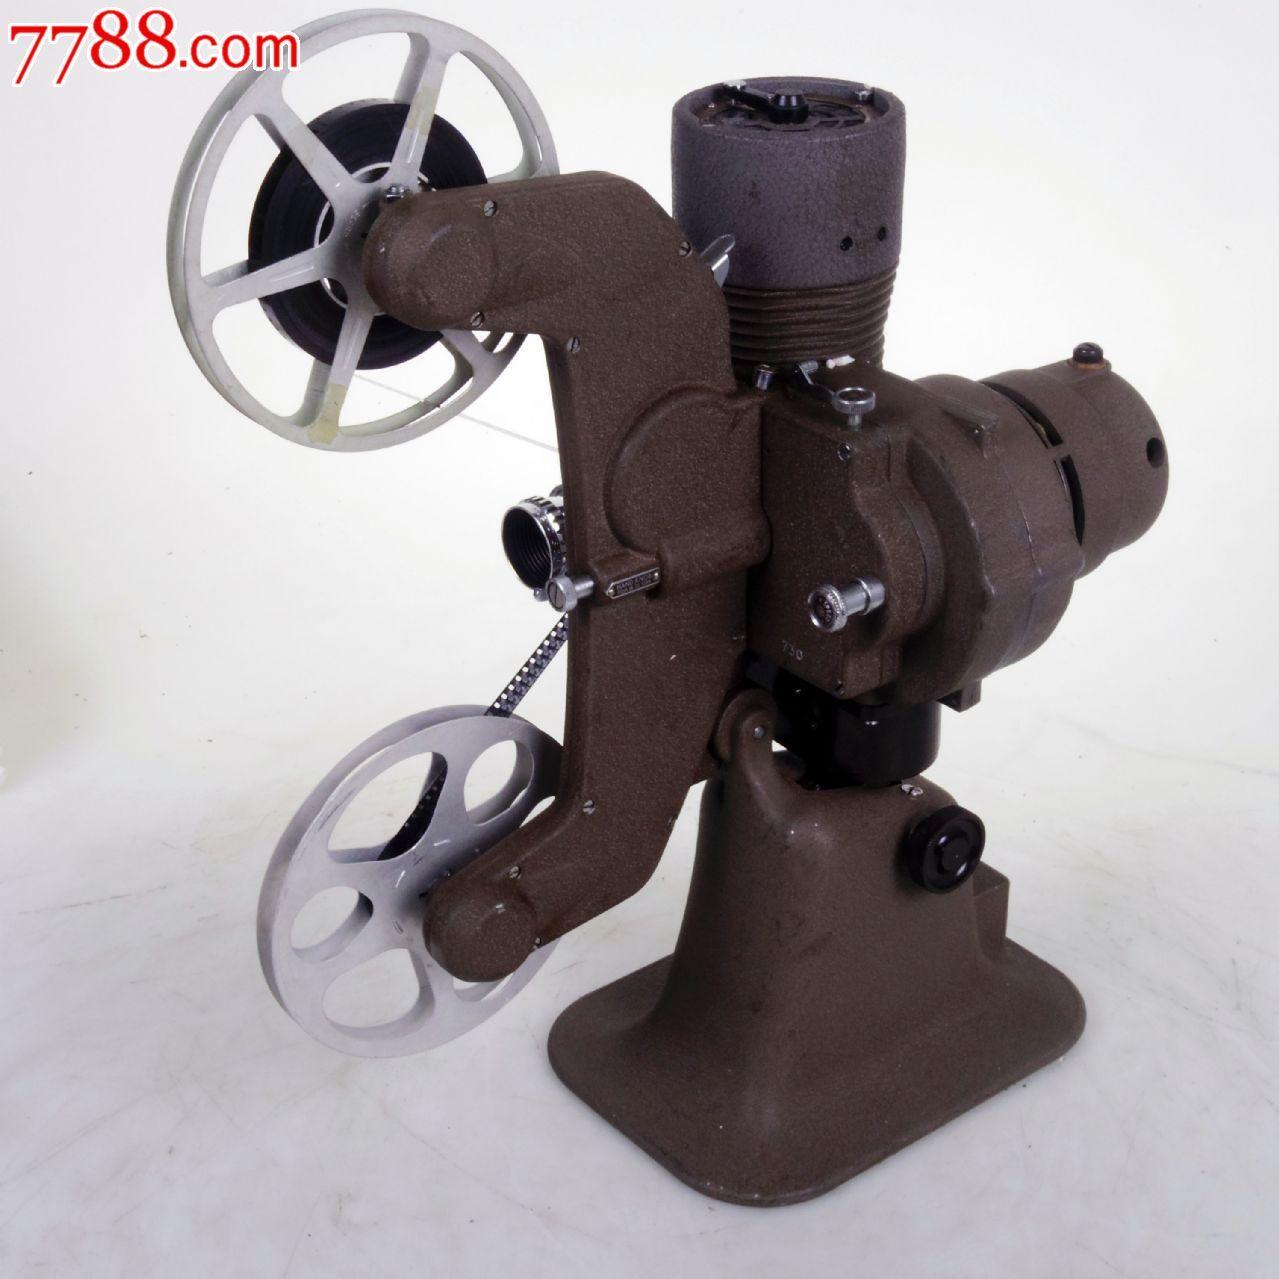 bell&howell6068毫米8mm电影机放映机功能正常图片